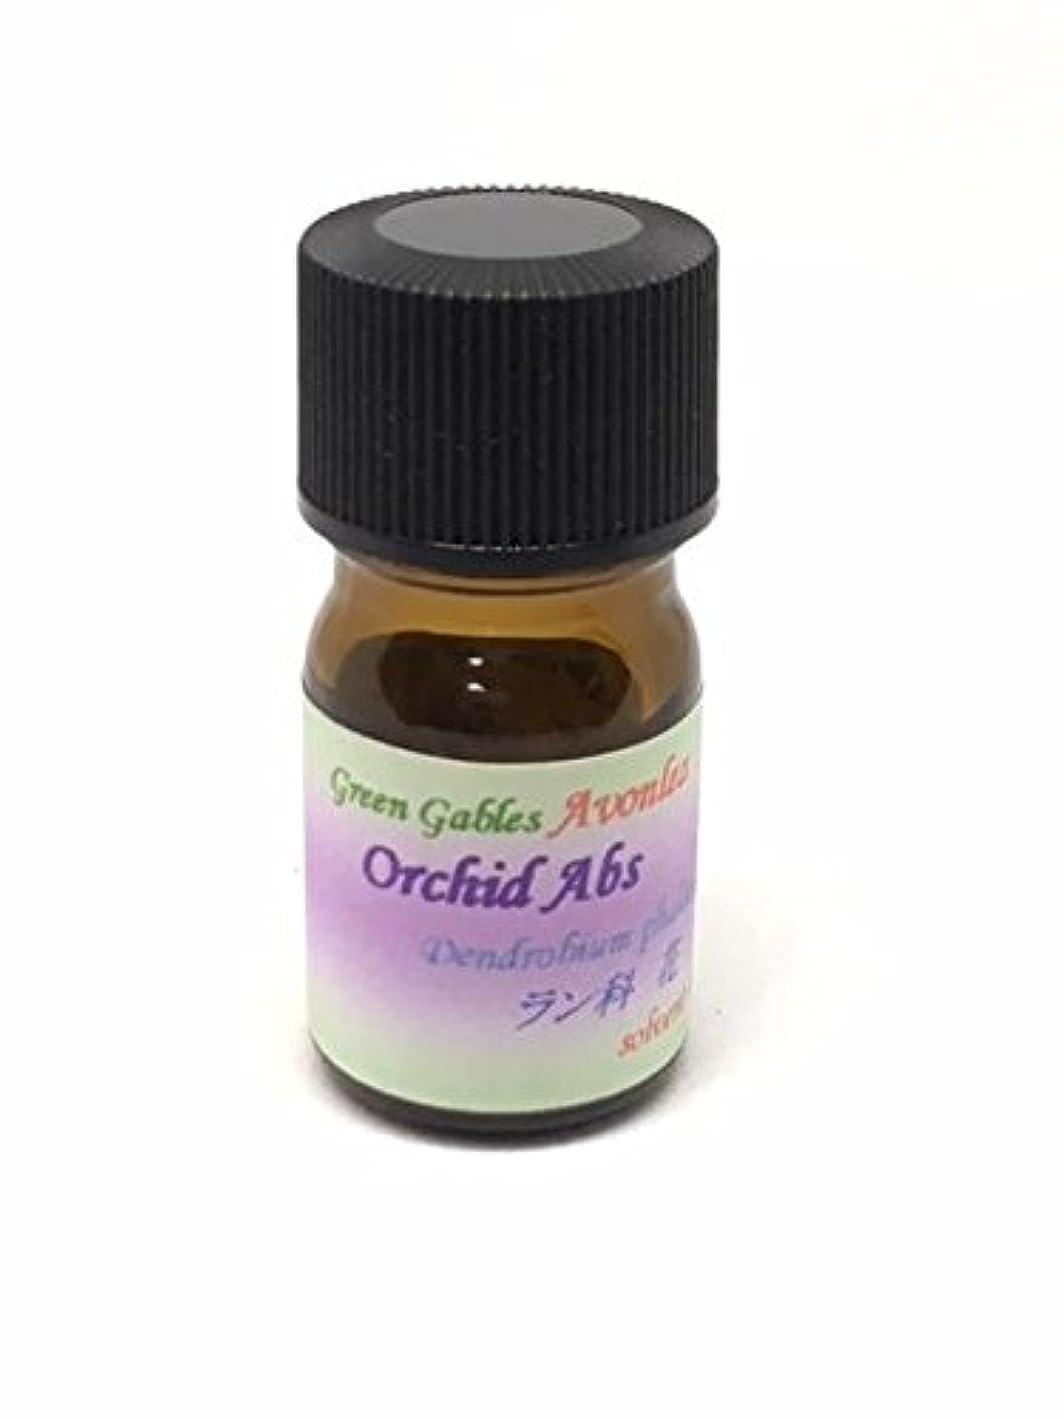 カフェテリアアベニュー心配する令和の花香るオーキッドAbs100%ピュアエッセンシャルオイル 蘭花の精油 OrchidAbs (10ml)